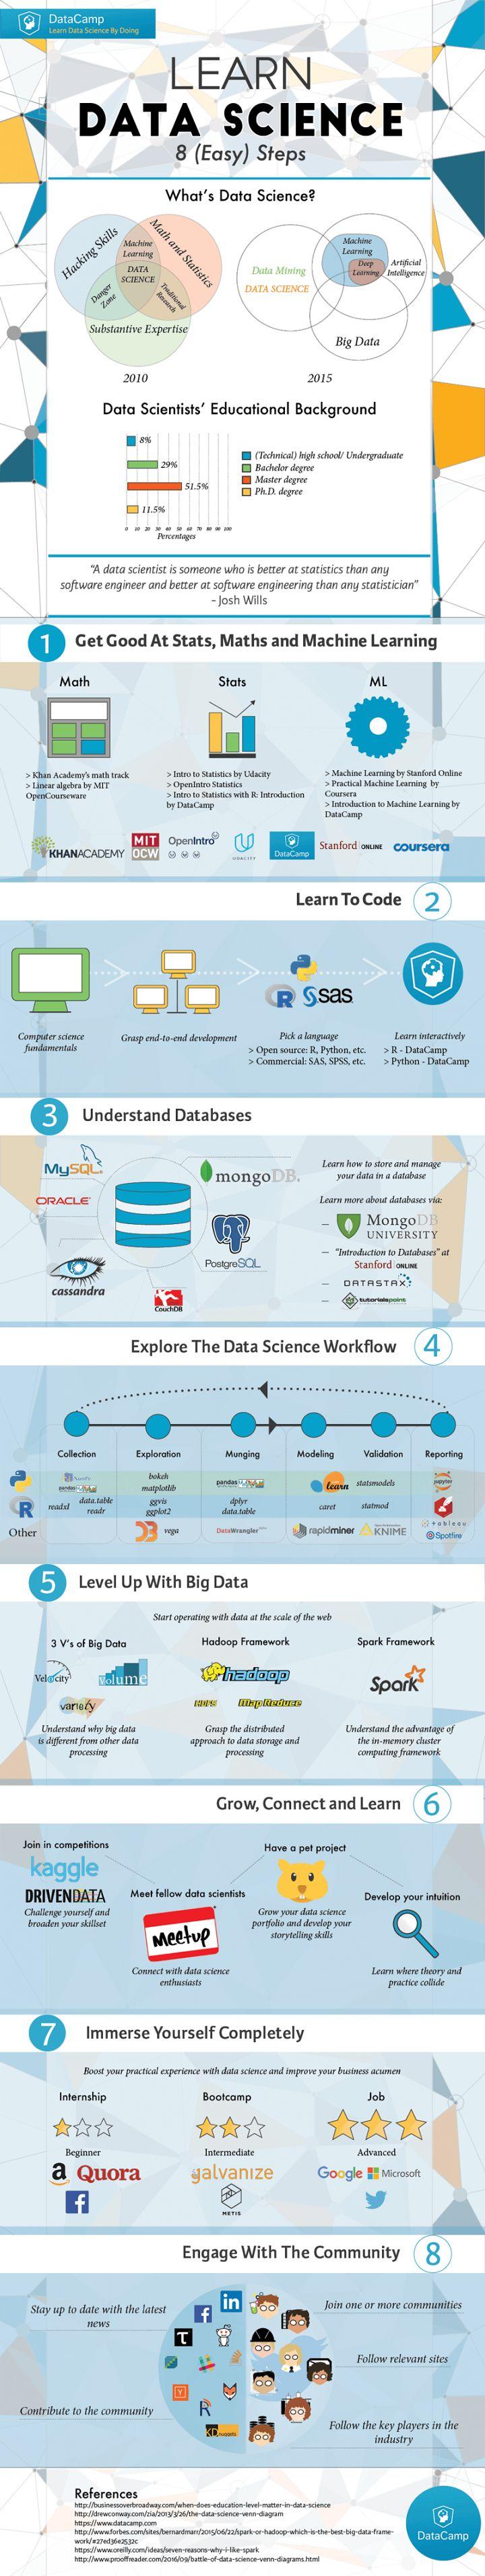 datascienceeightsteps